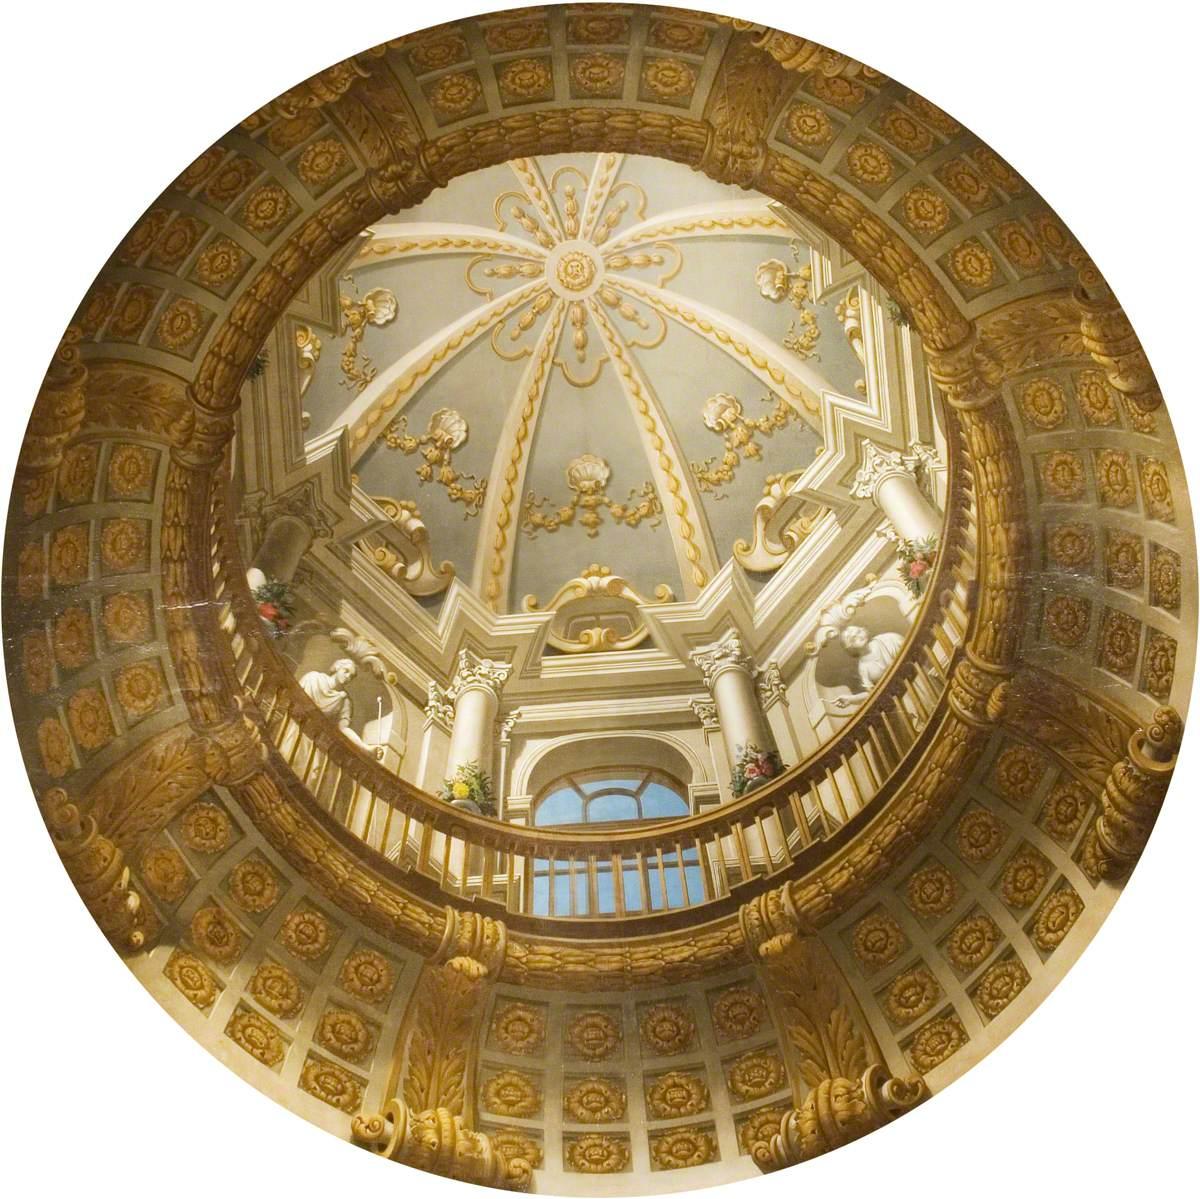 Interior of a Dome